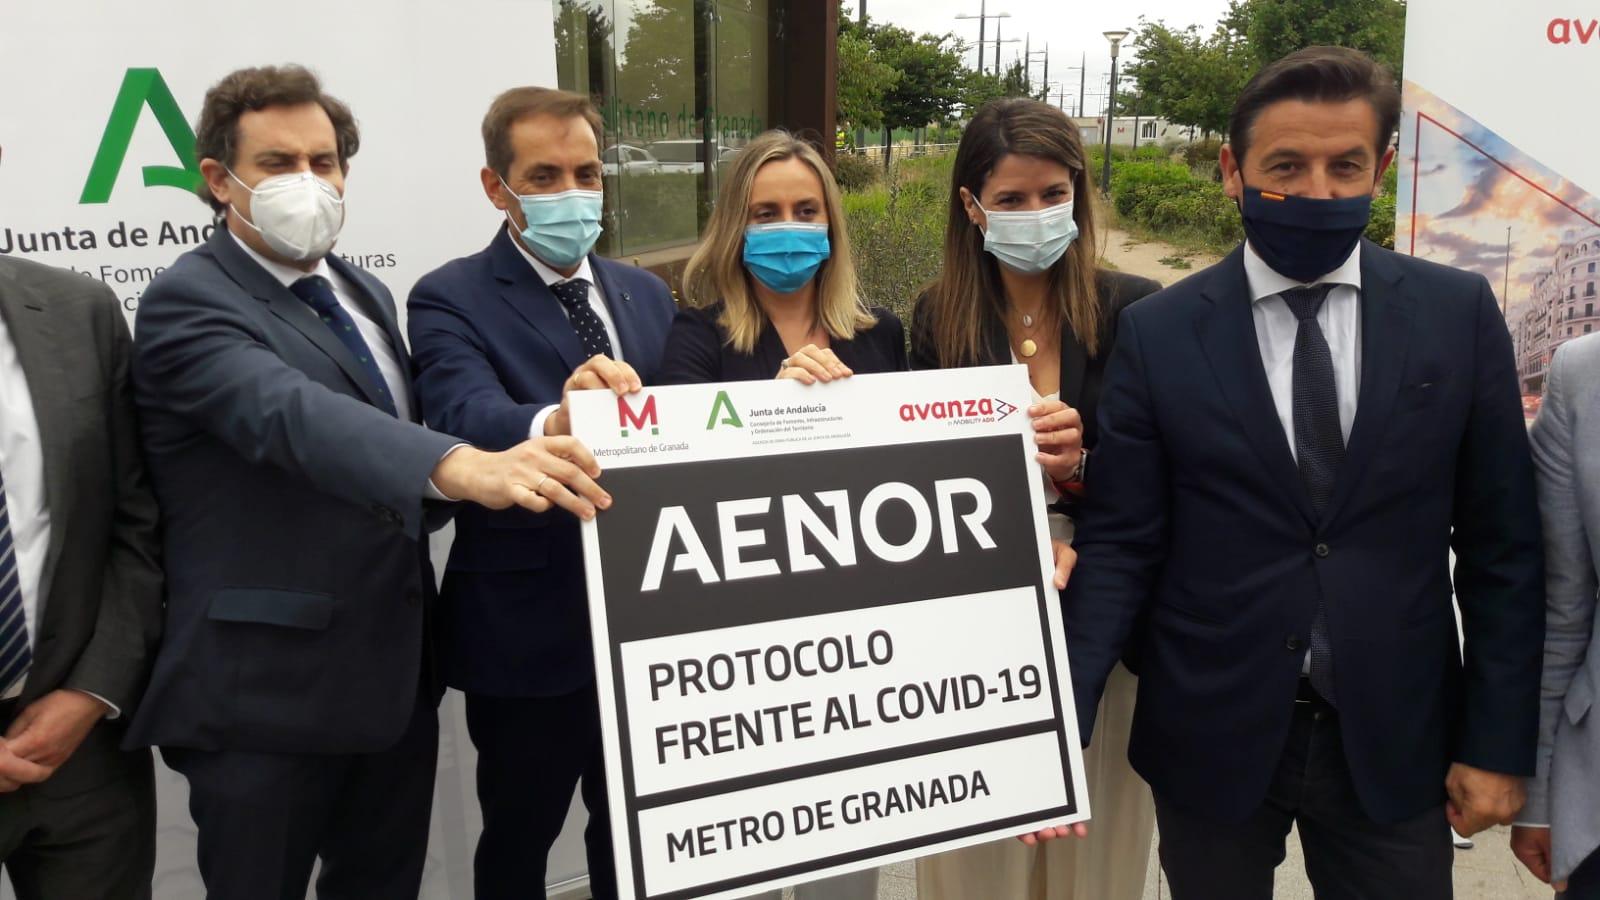 La consejera, Marifran Carazo, junto al alcalde, Luis Salvador y personal de la Empresa AVANZA recoge el Certificado AENOR de protocolo frente al Covid19